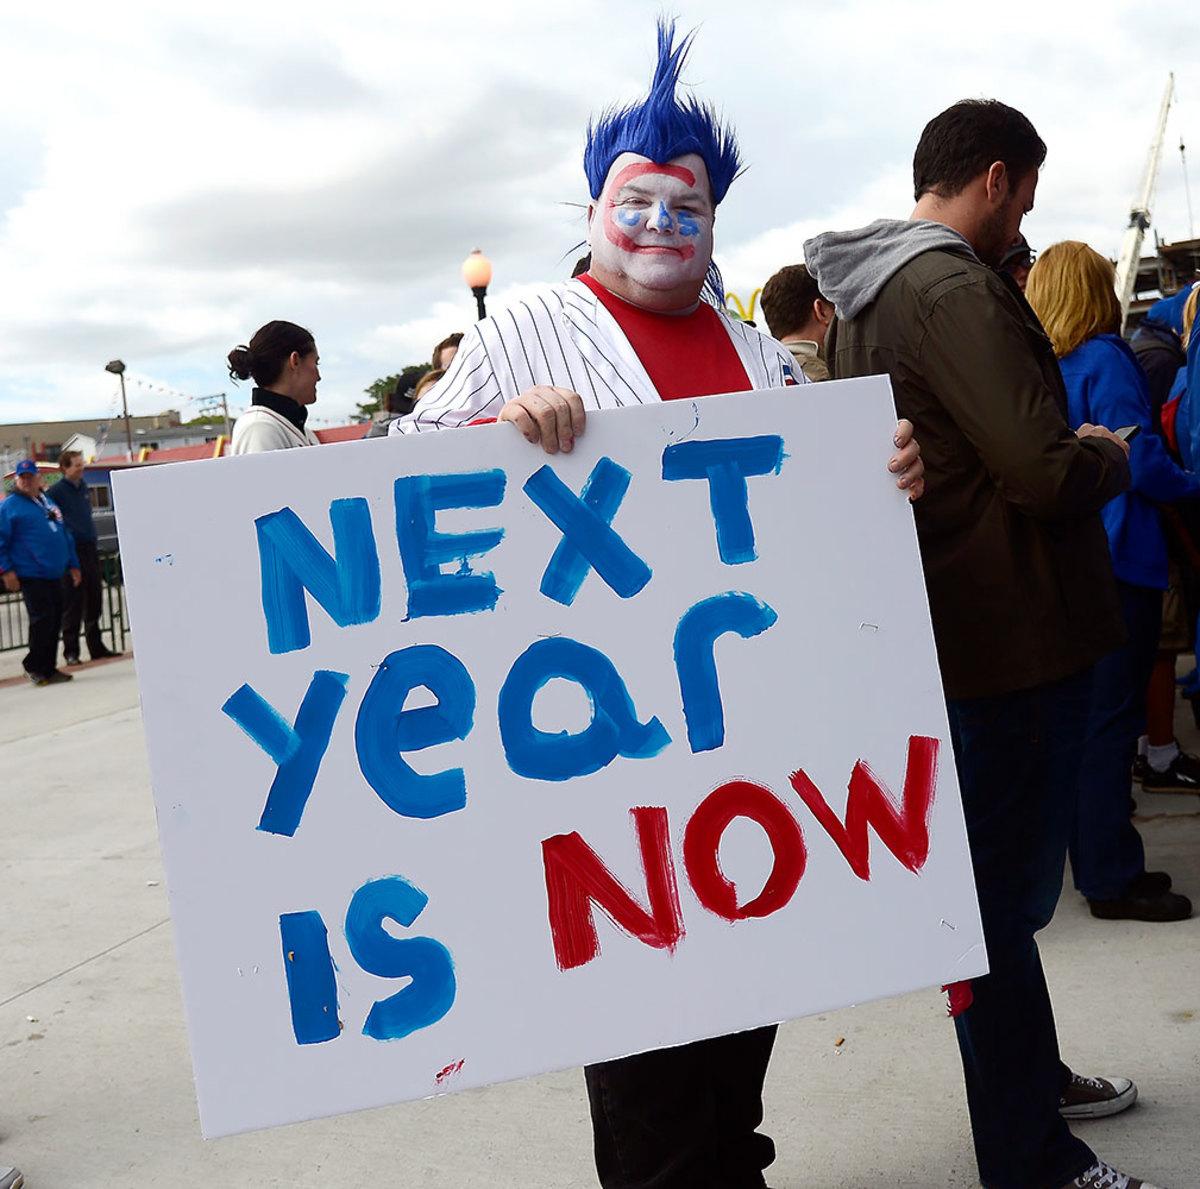 2015-Chicago-Cubs-fan-sign-Chicago-Cubs-fan-sign-GettyImages-492477900.jpg